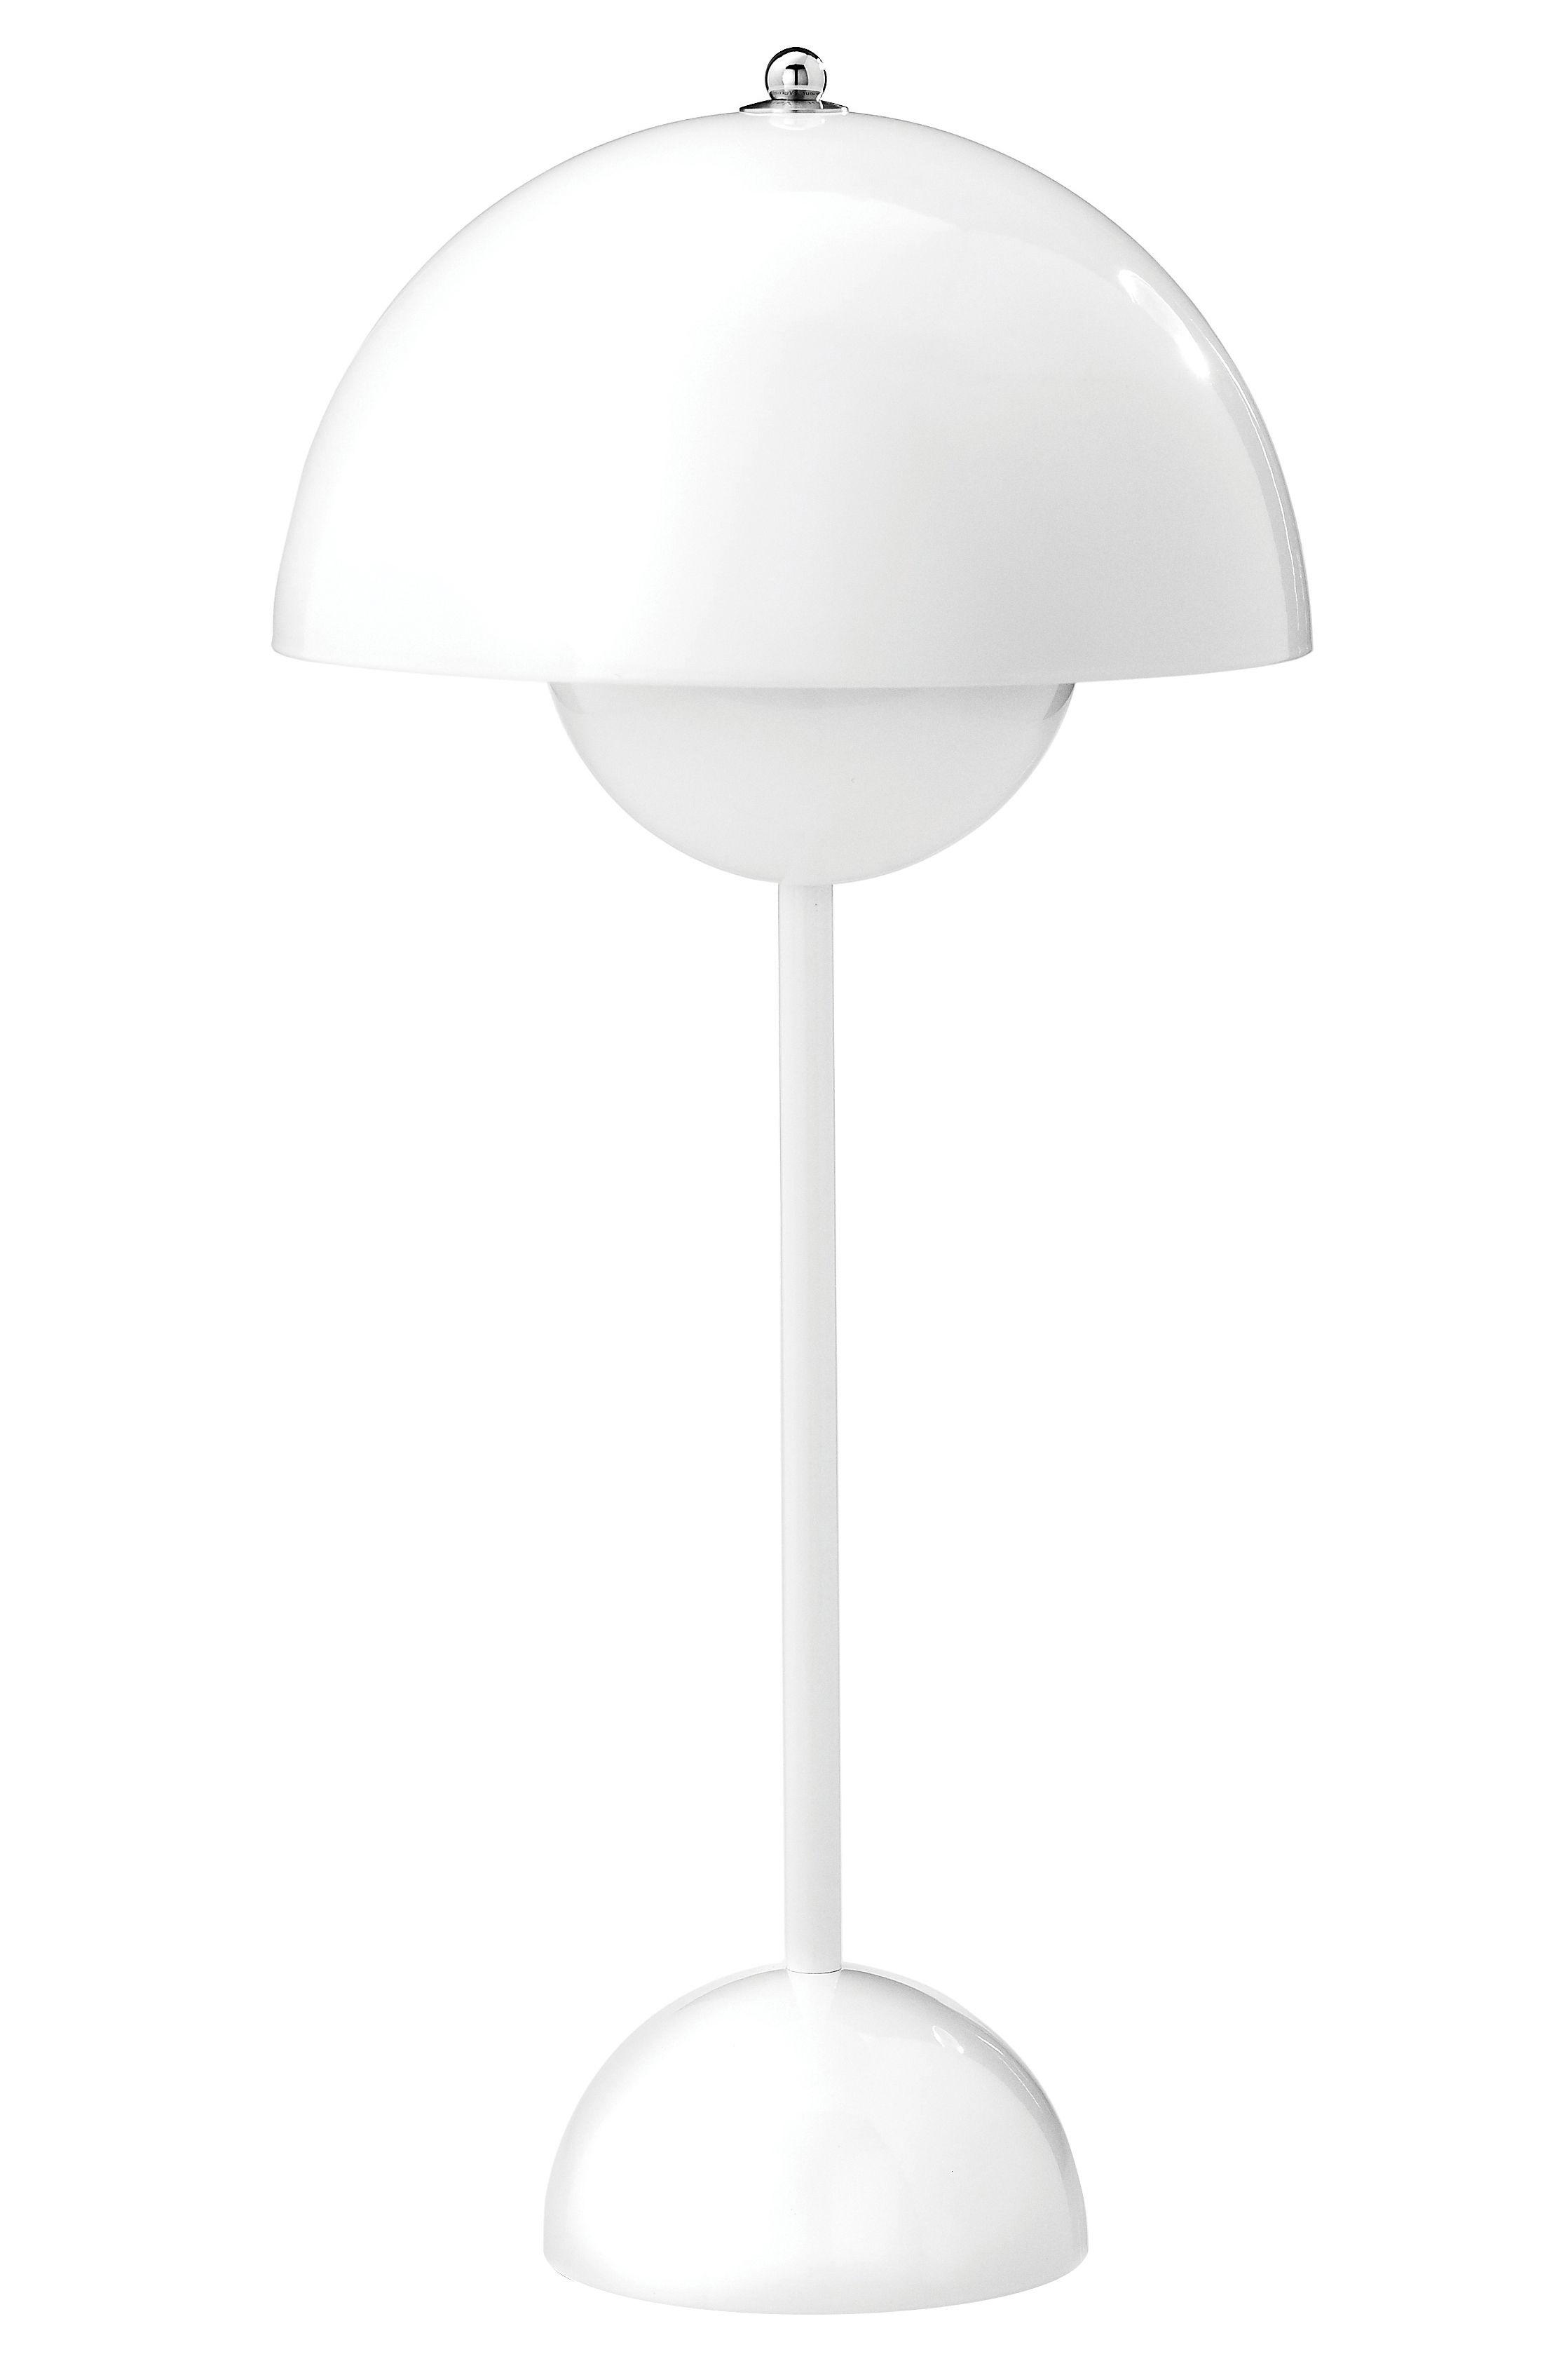 Leuchten - Tischleuchten - FlowerPot VP3 Tischleuchte - &tradition - Weiß - lackiertes Aluminium